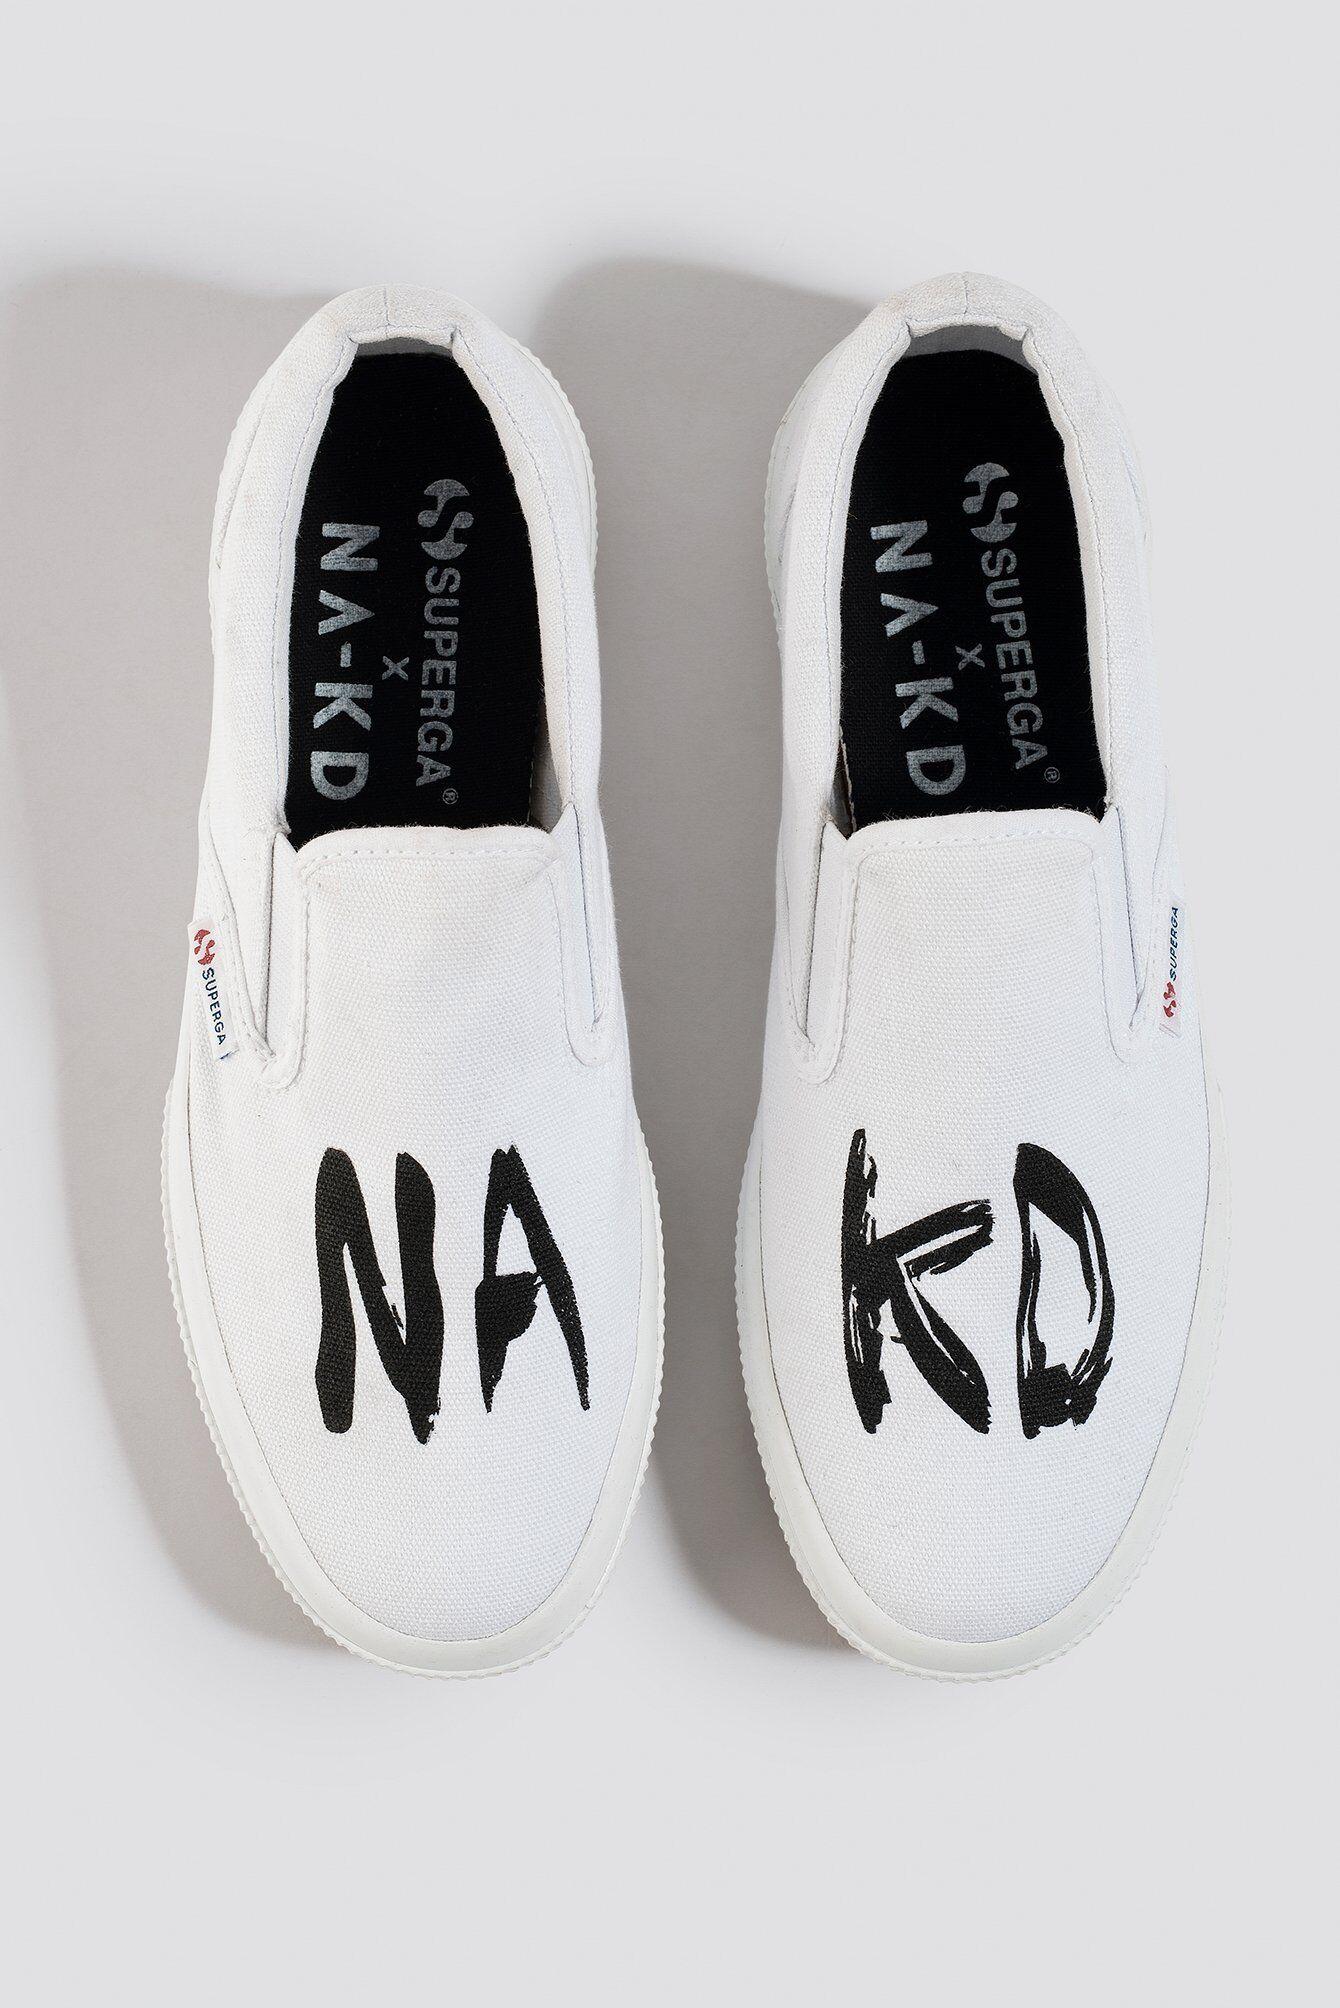 Superga x NA-KD Branded Slip-On Sneaker - White  - Size: EU 36,EU 37,EU 38,EU 39,EU 40,EU 41